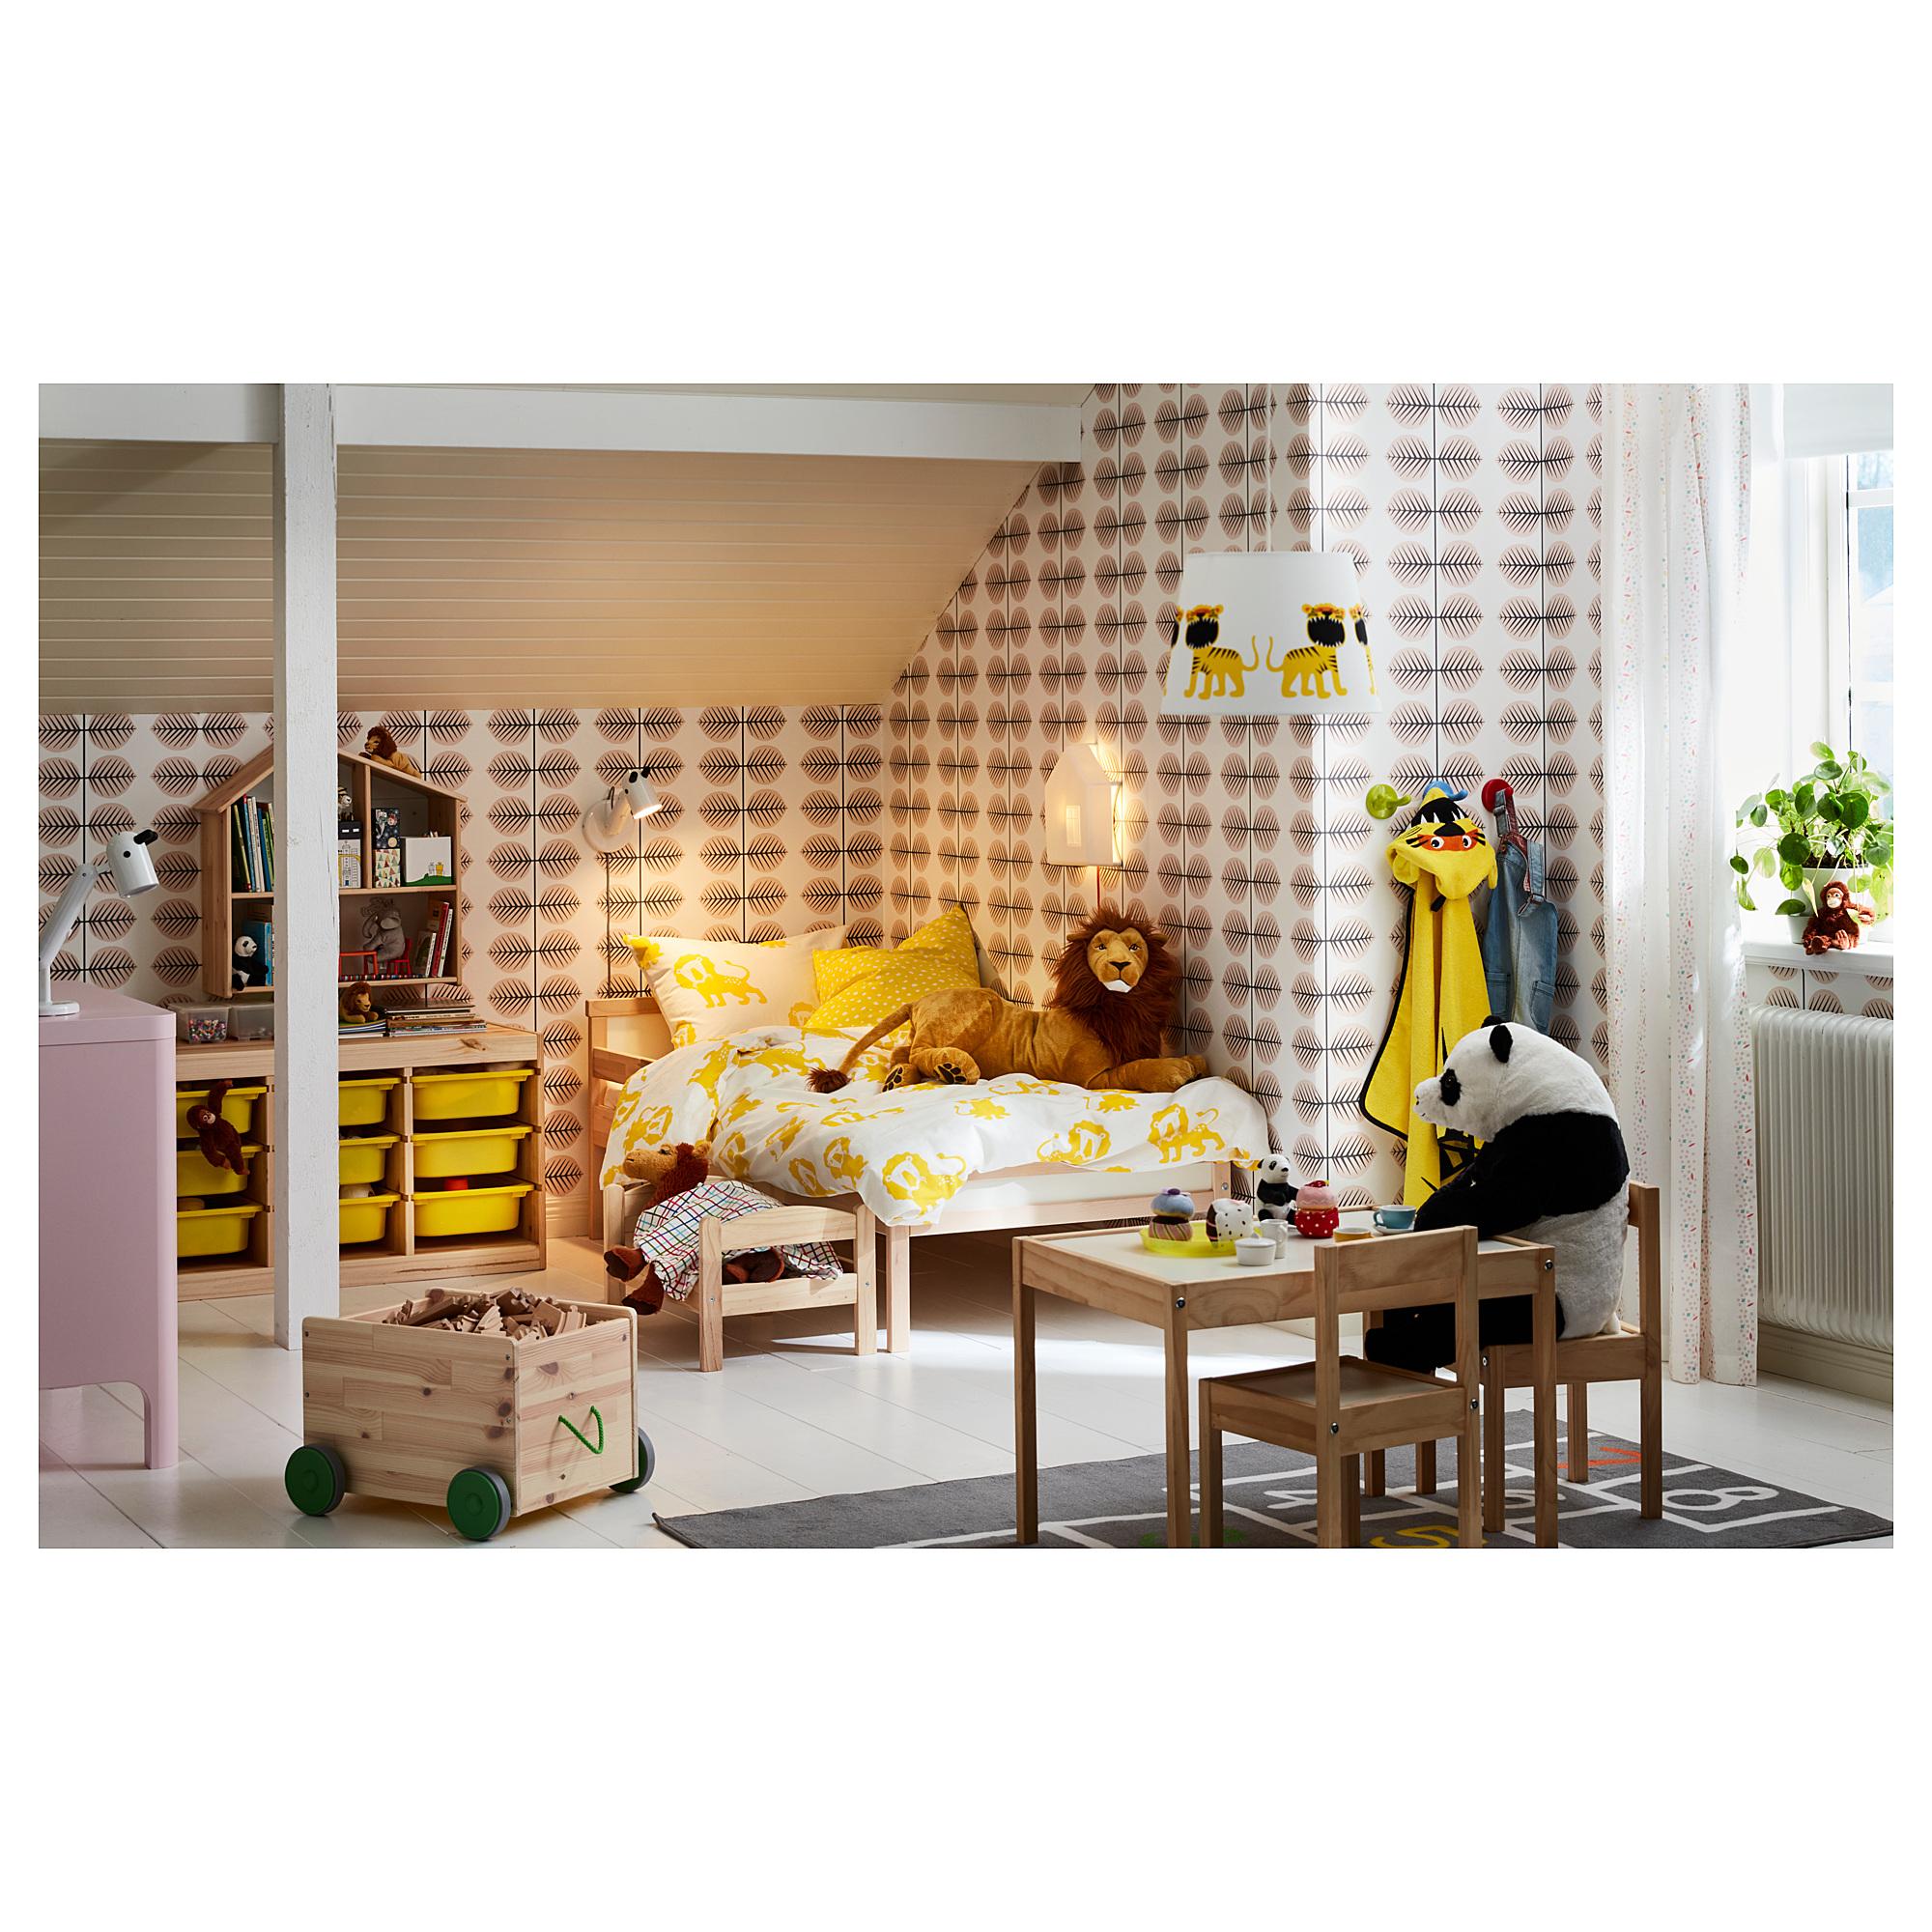 Ikea Sniglar Bed Frame With Slatted Bed Base Beech Bed Frame